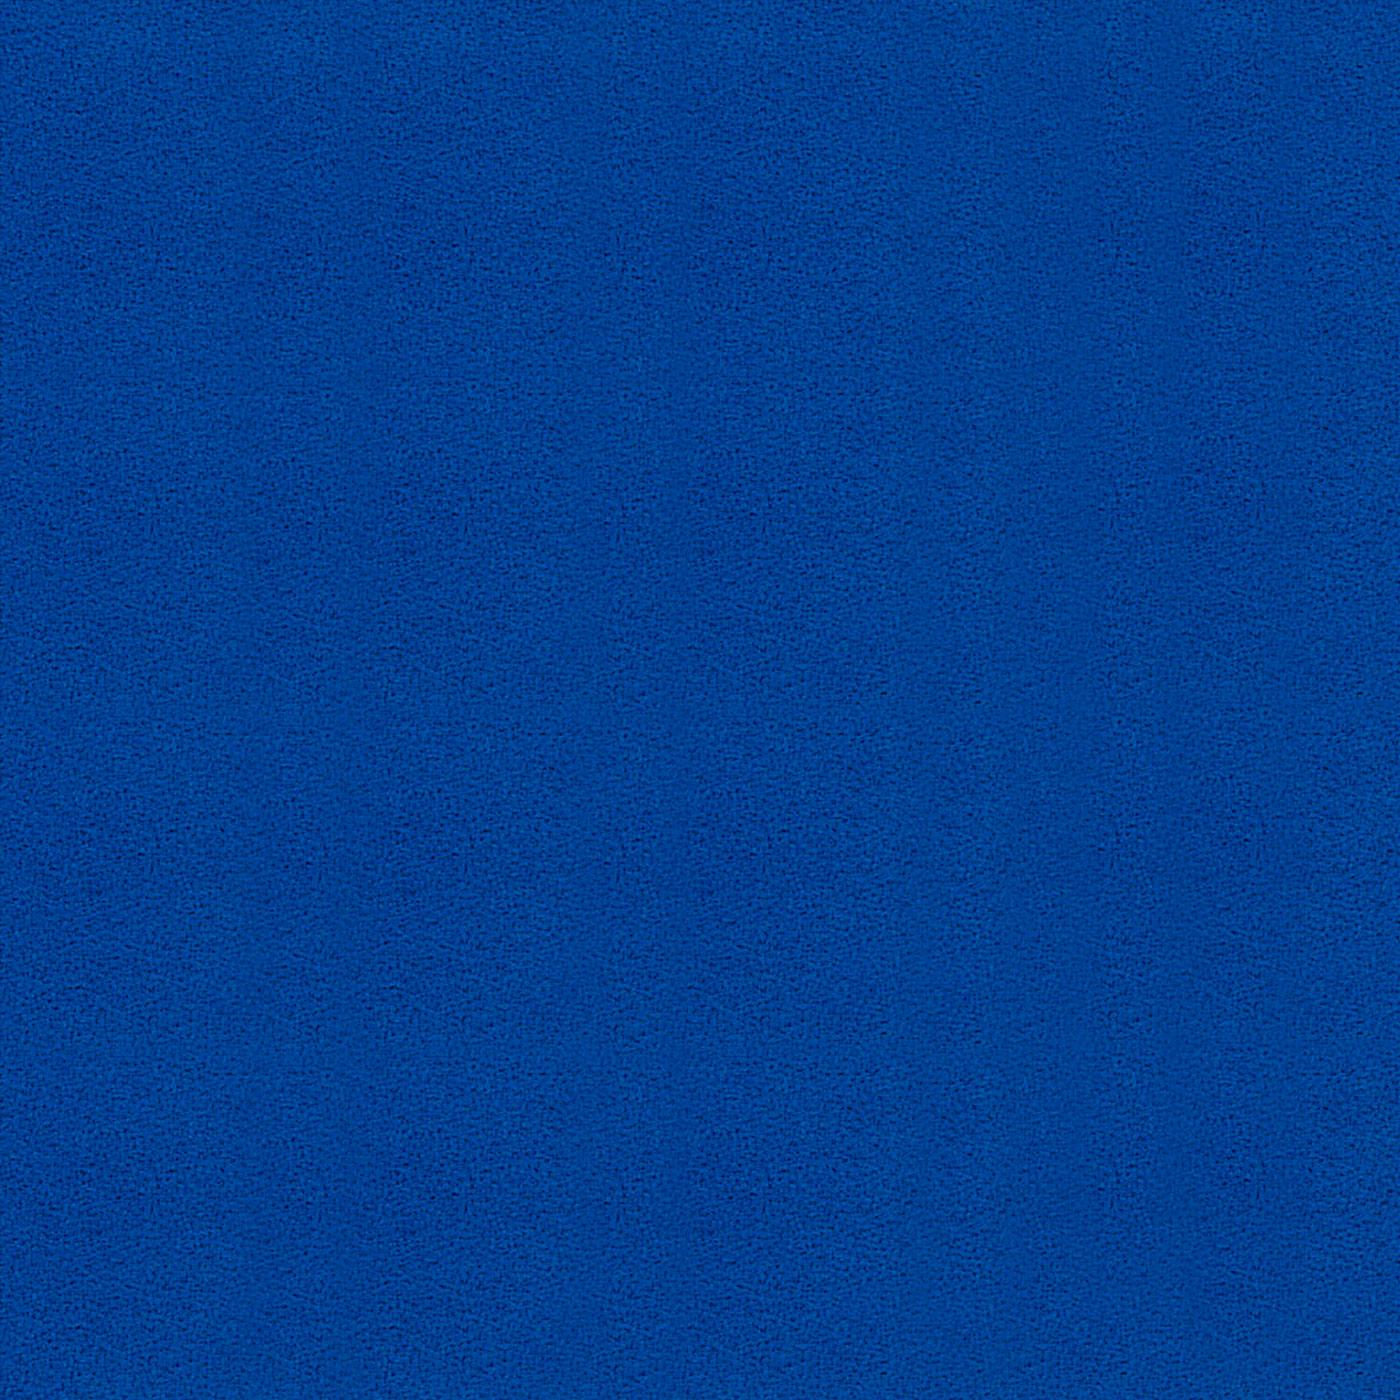 3-85-marineblau